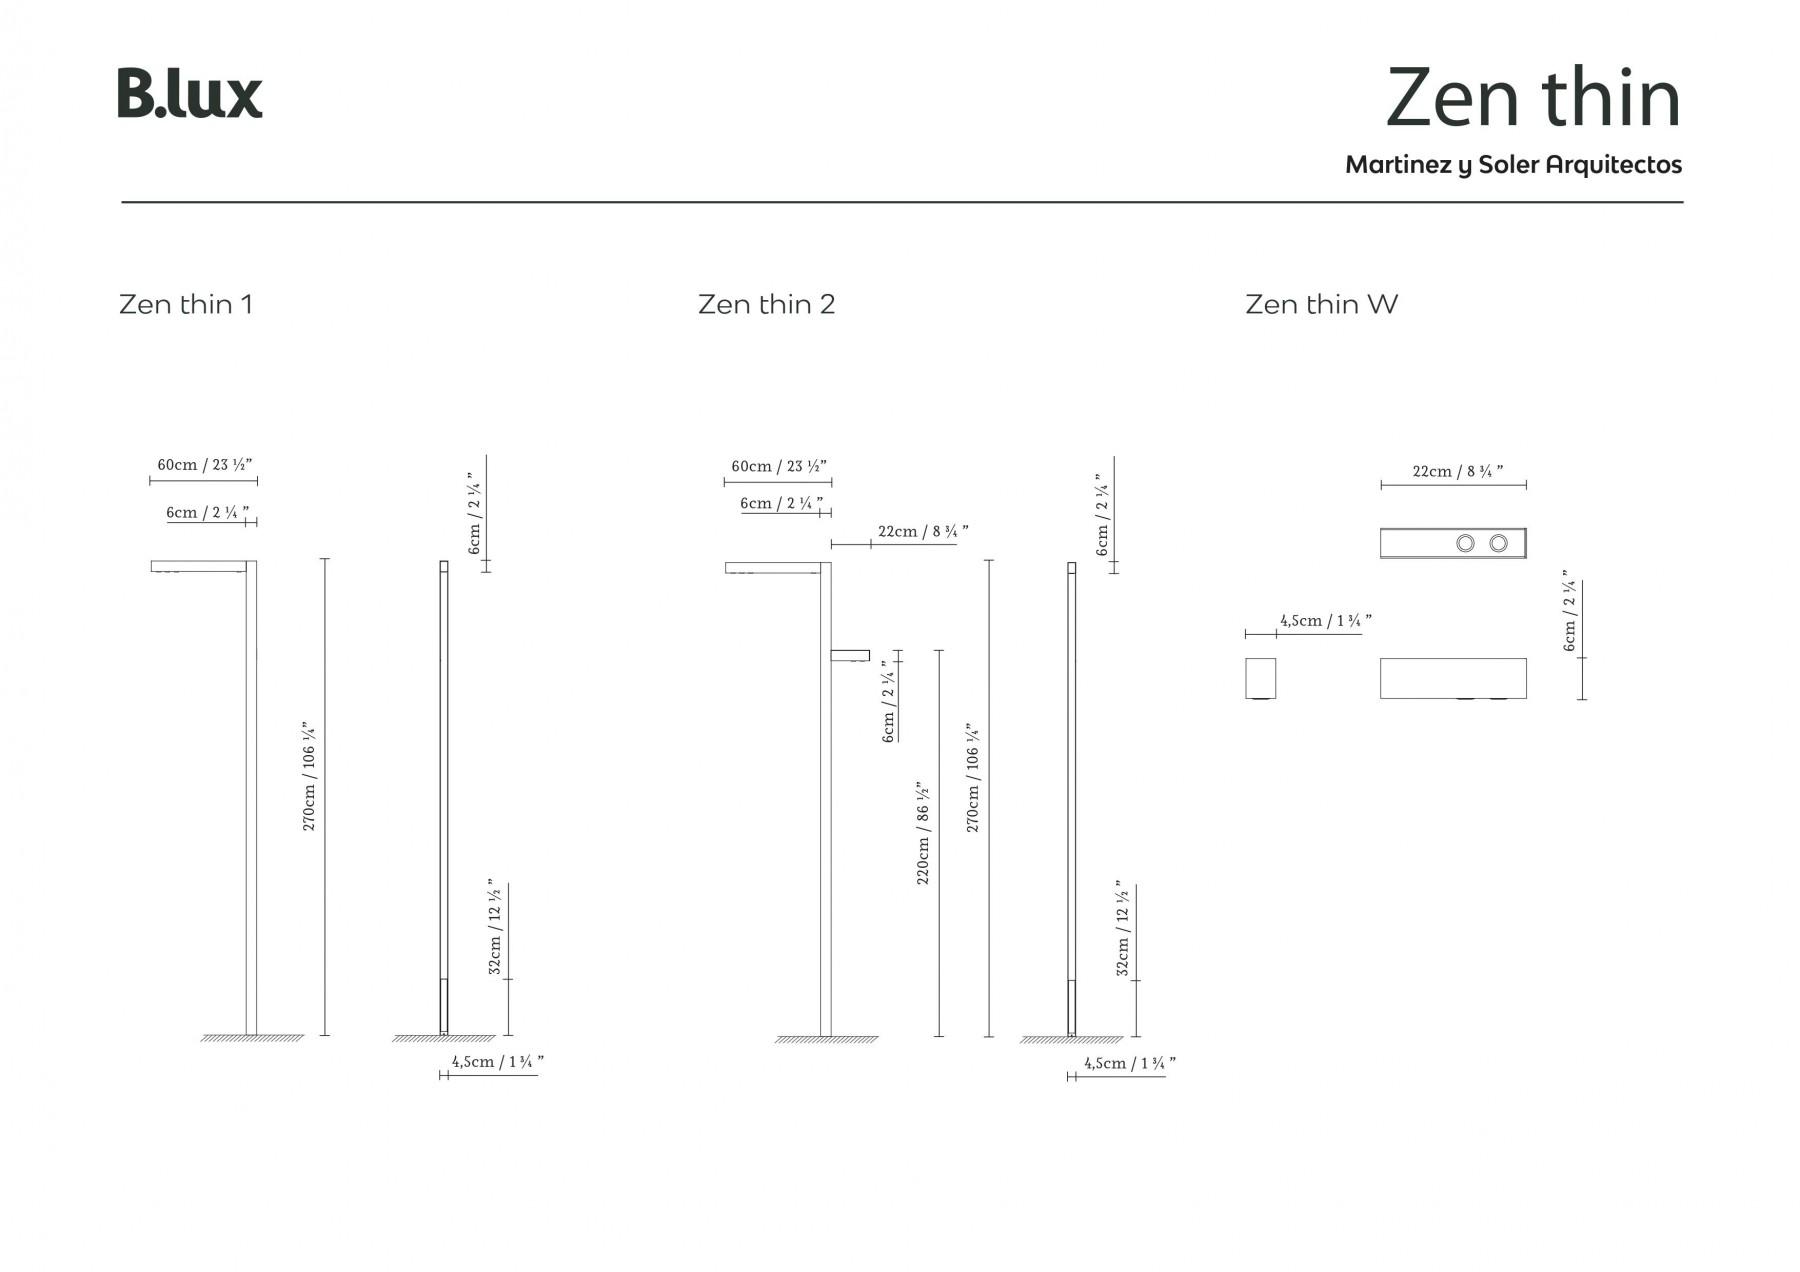 ZENTHIN BLUX